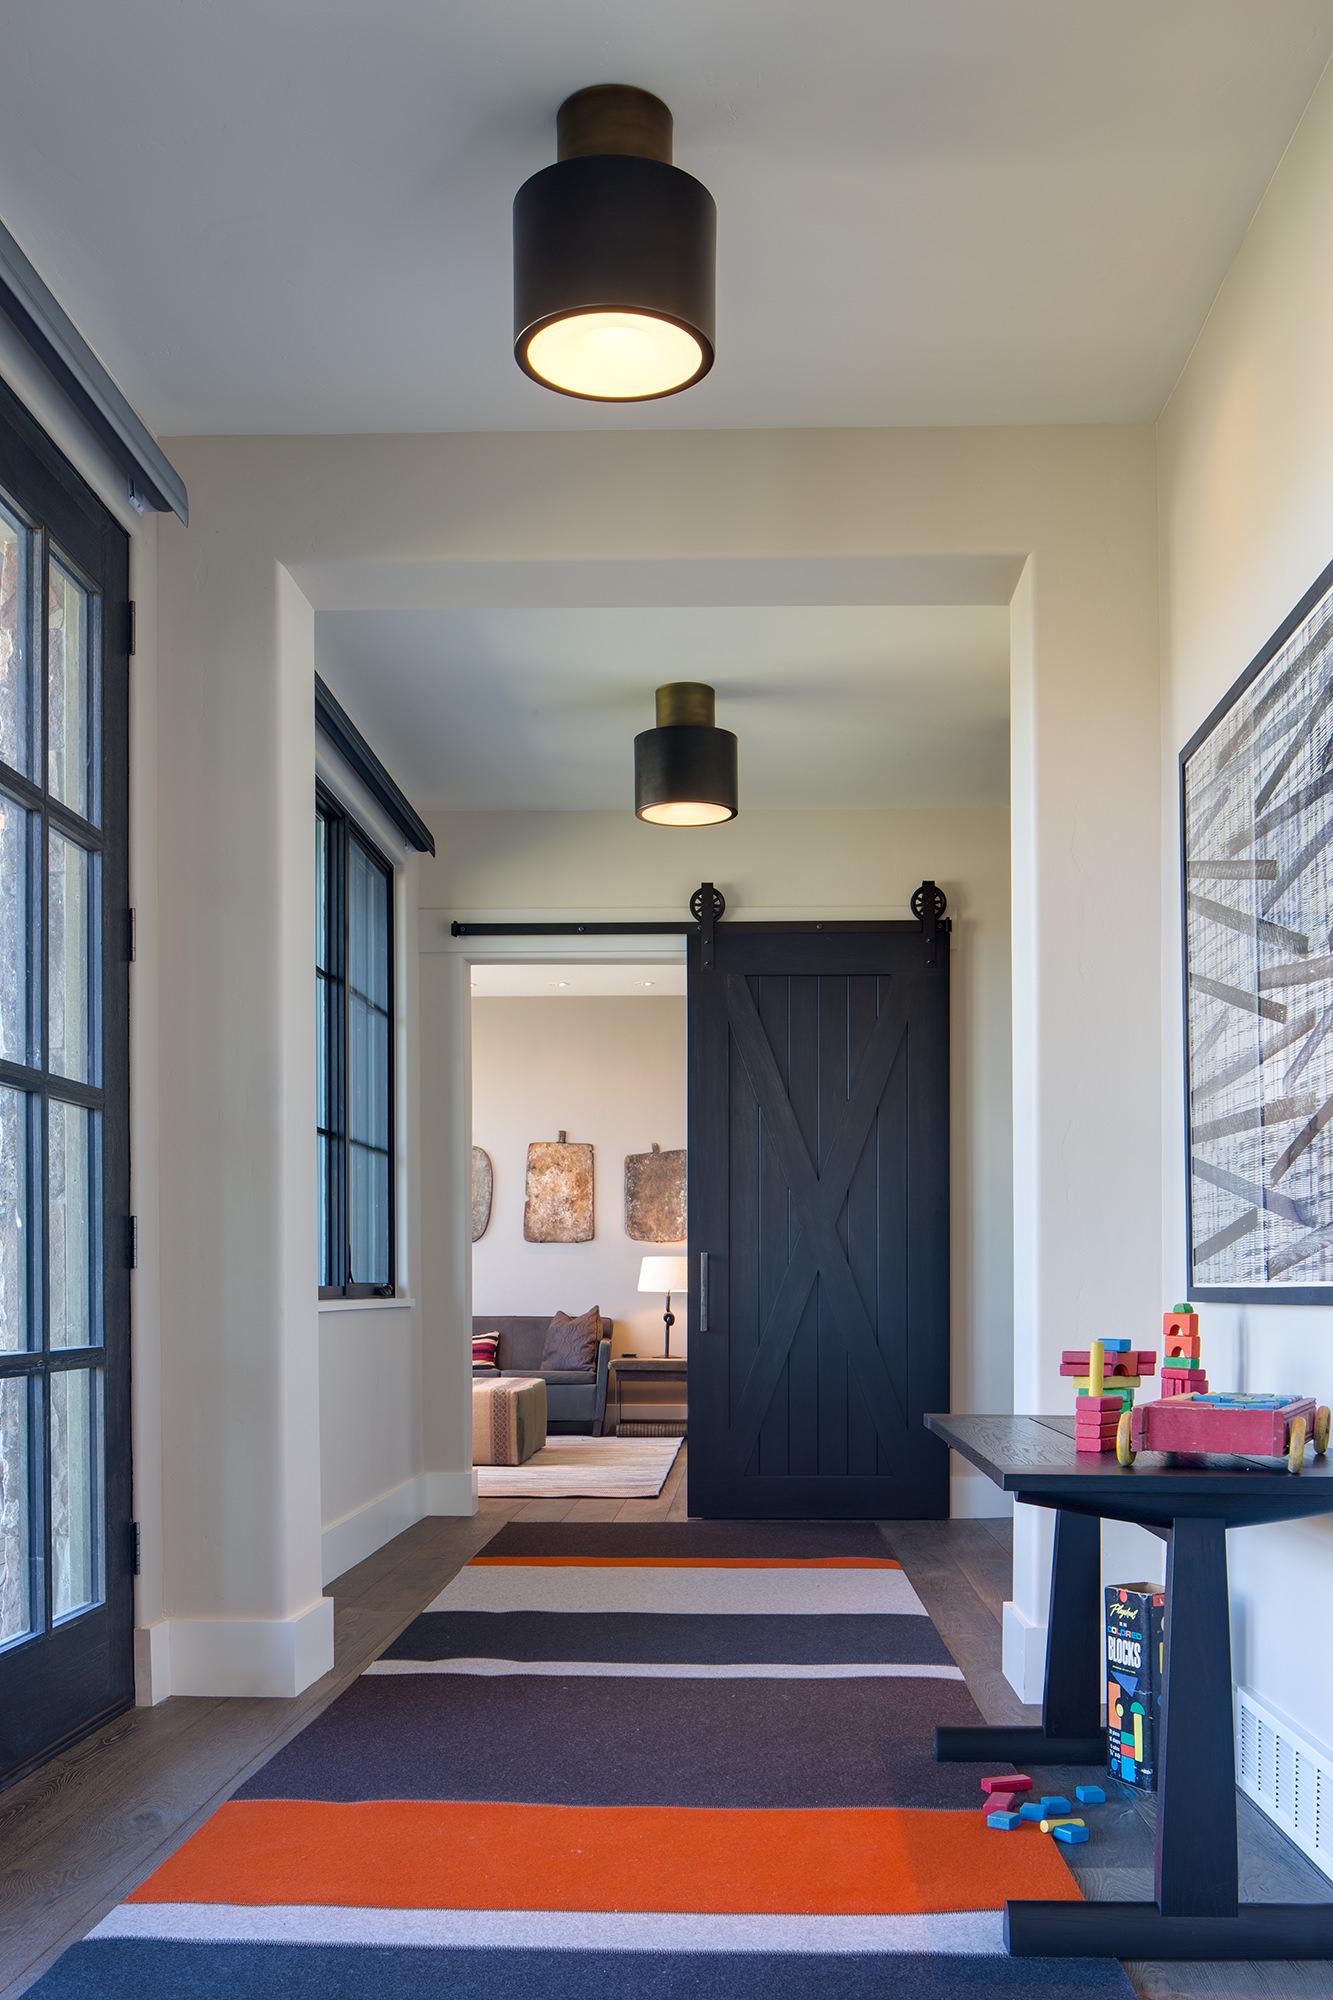 line-8-design-priv-residence-int-06.jpg